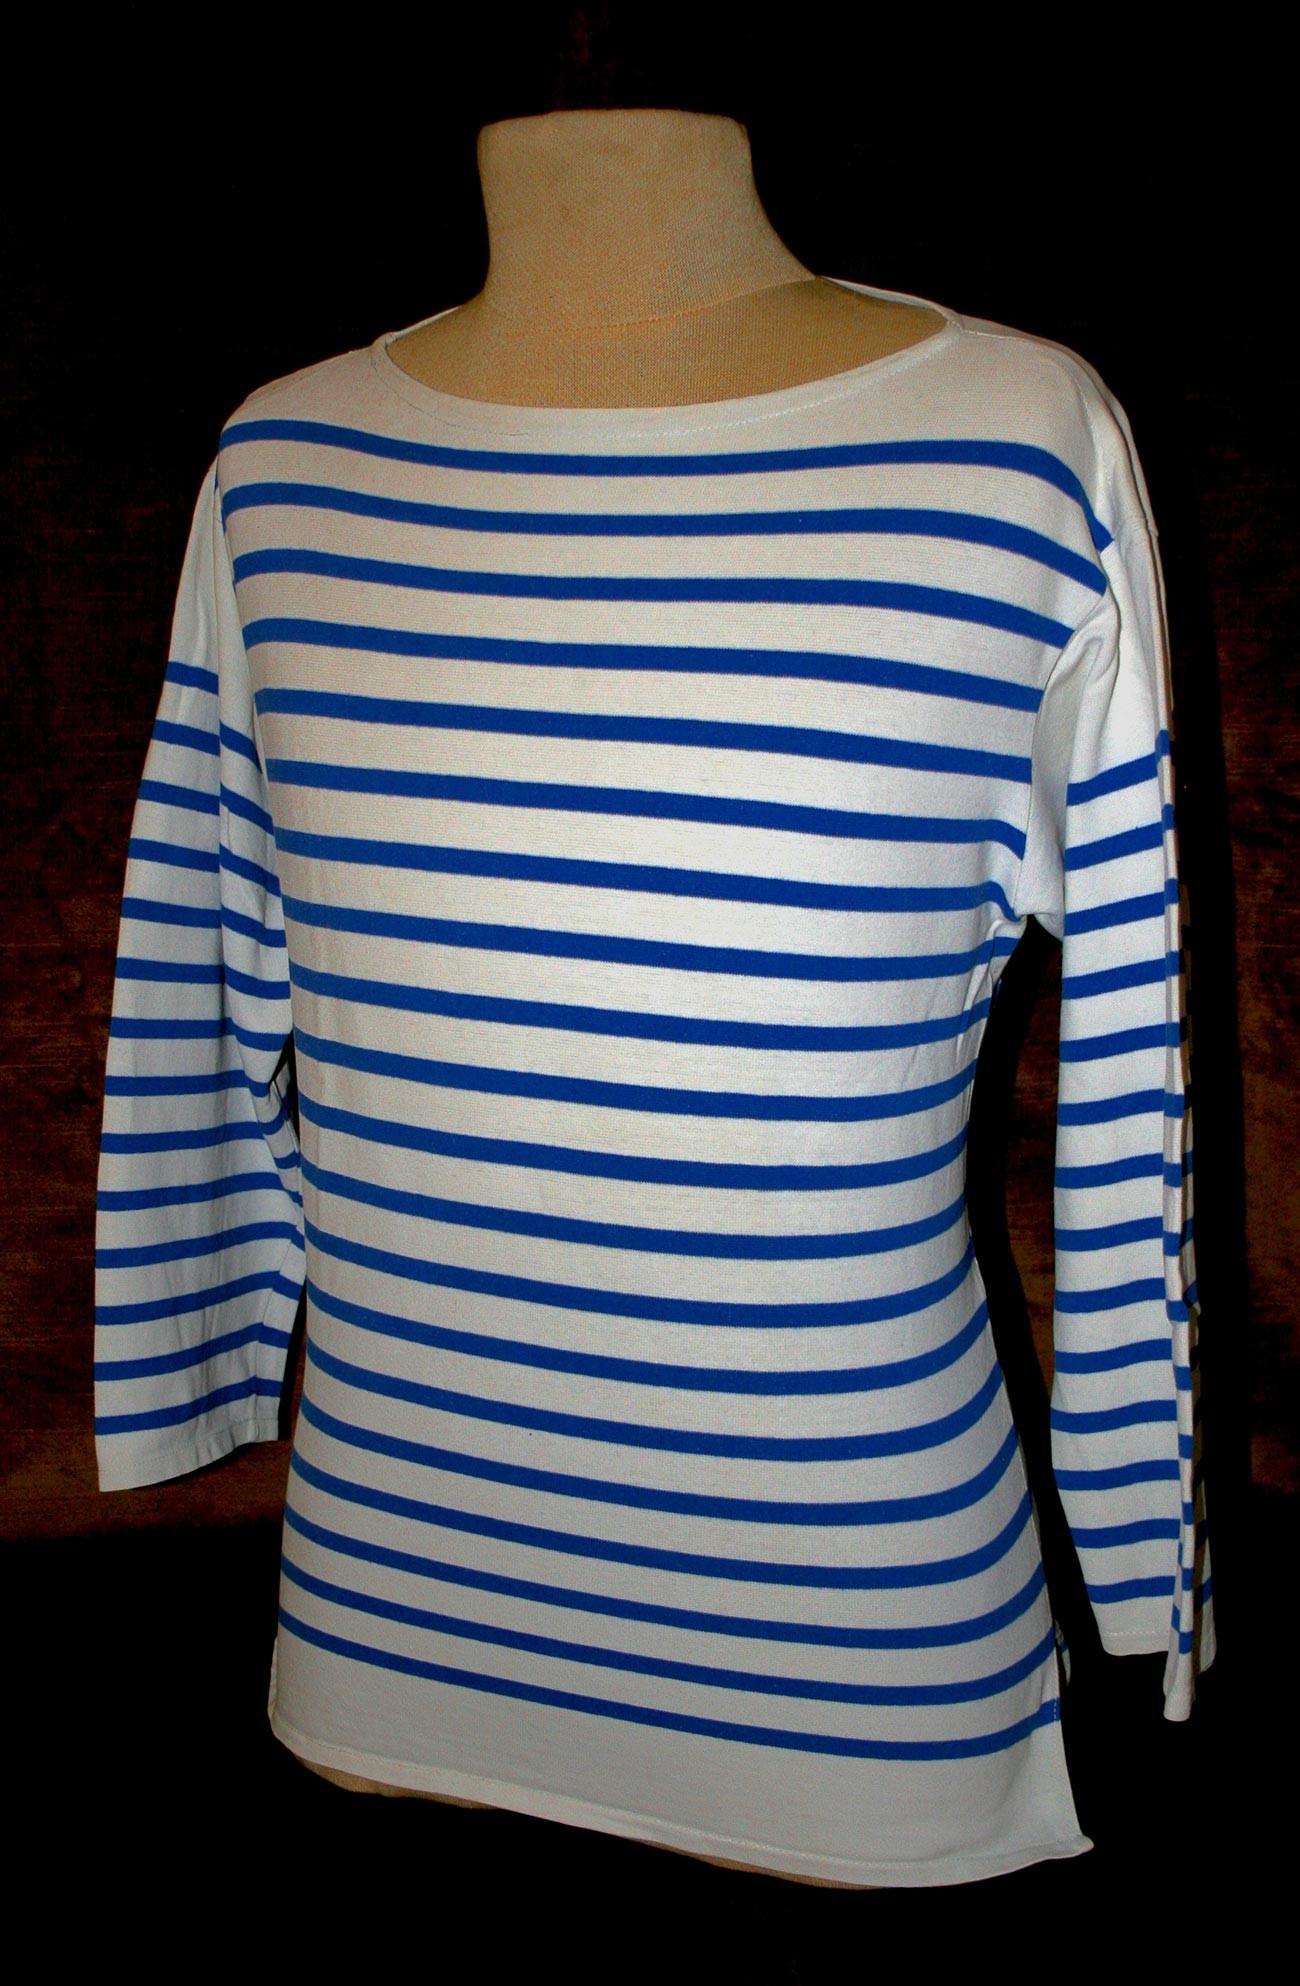 Marinière (ein bretonisches Hemd) der französischen Marine